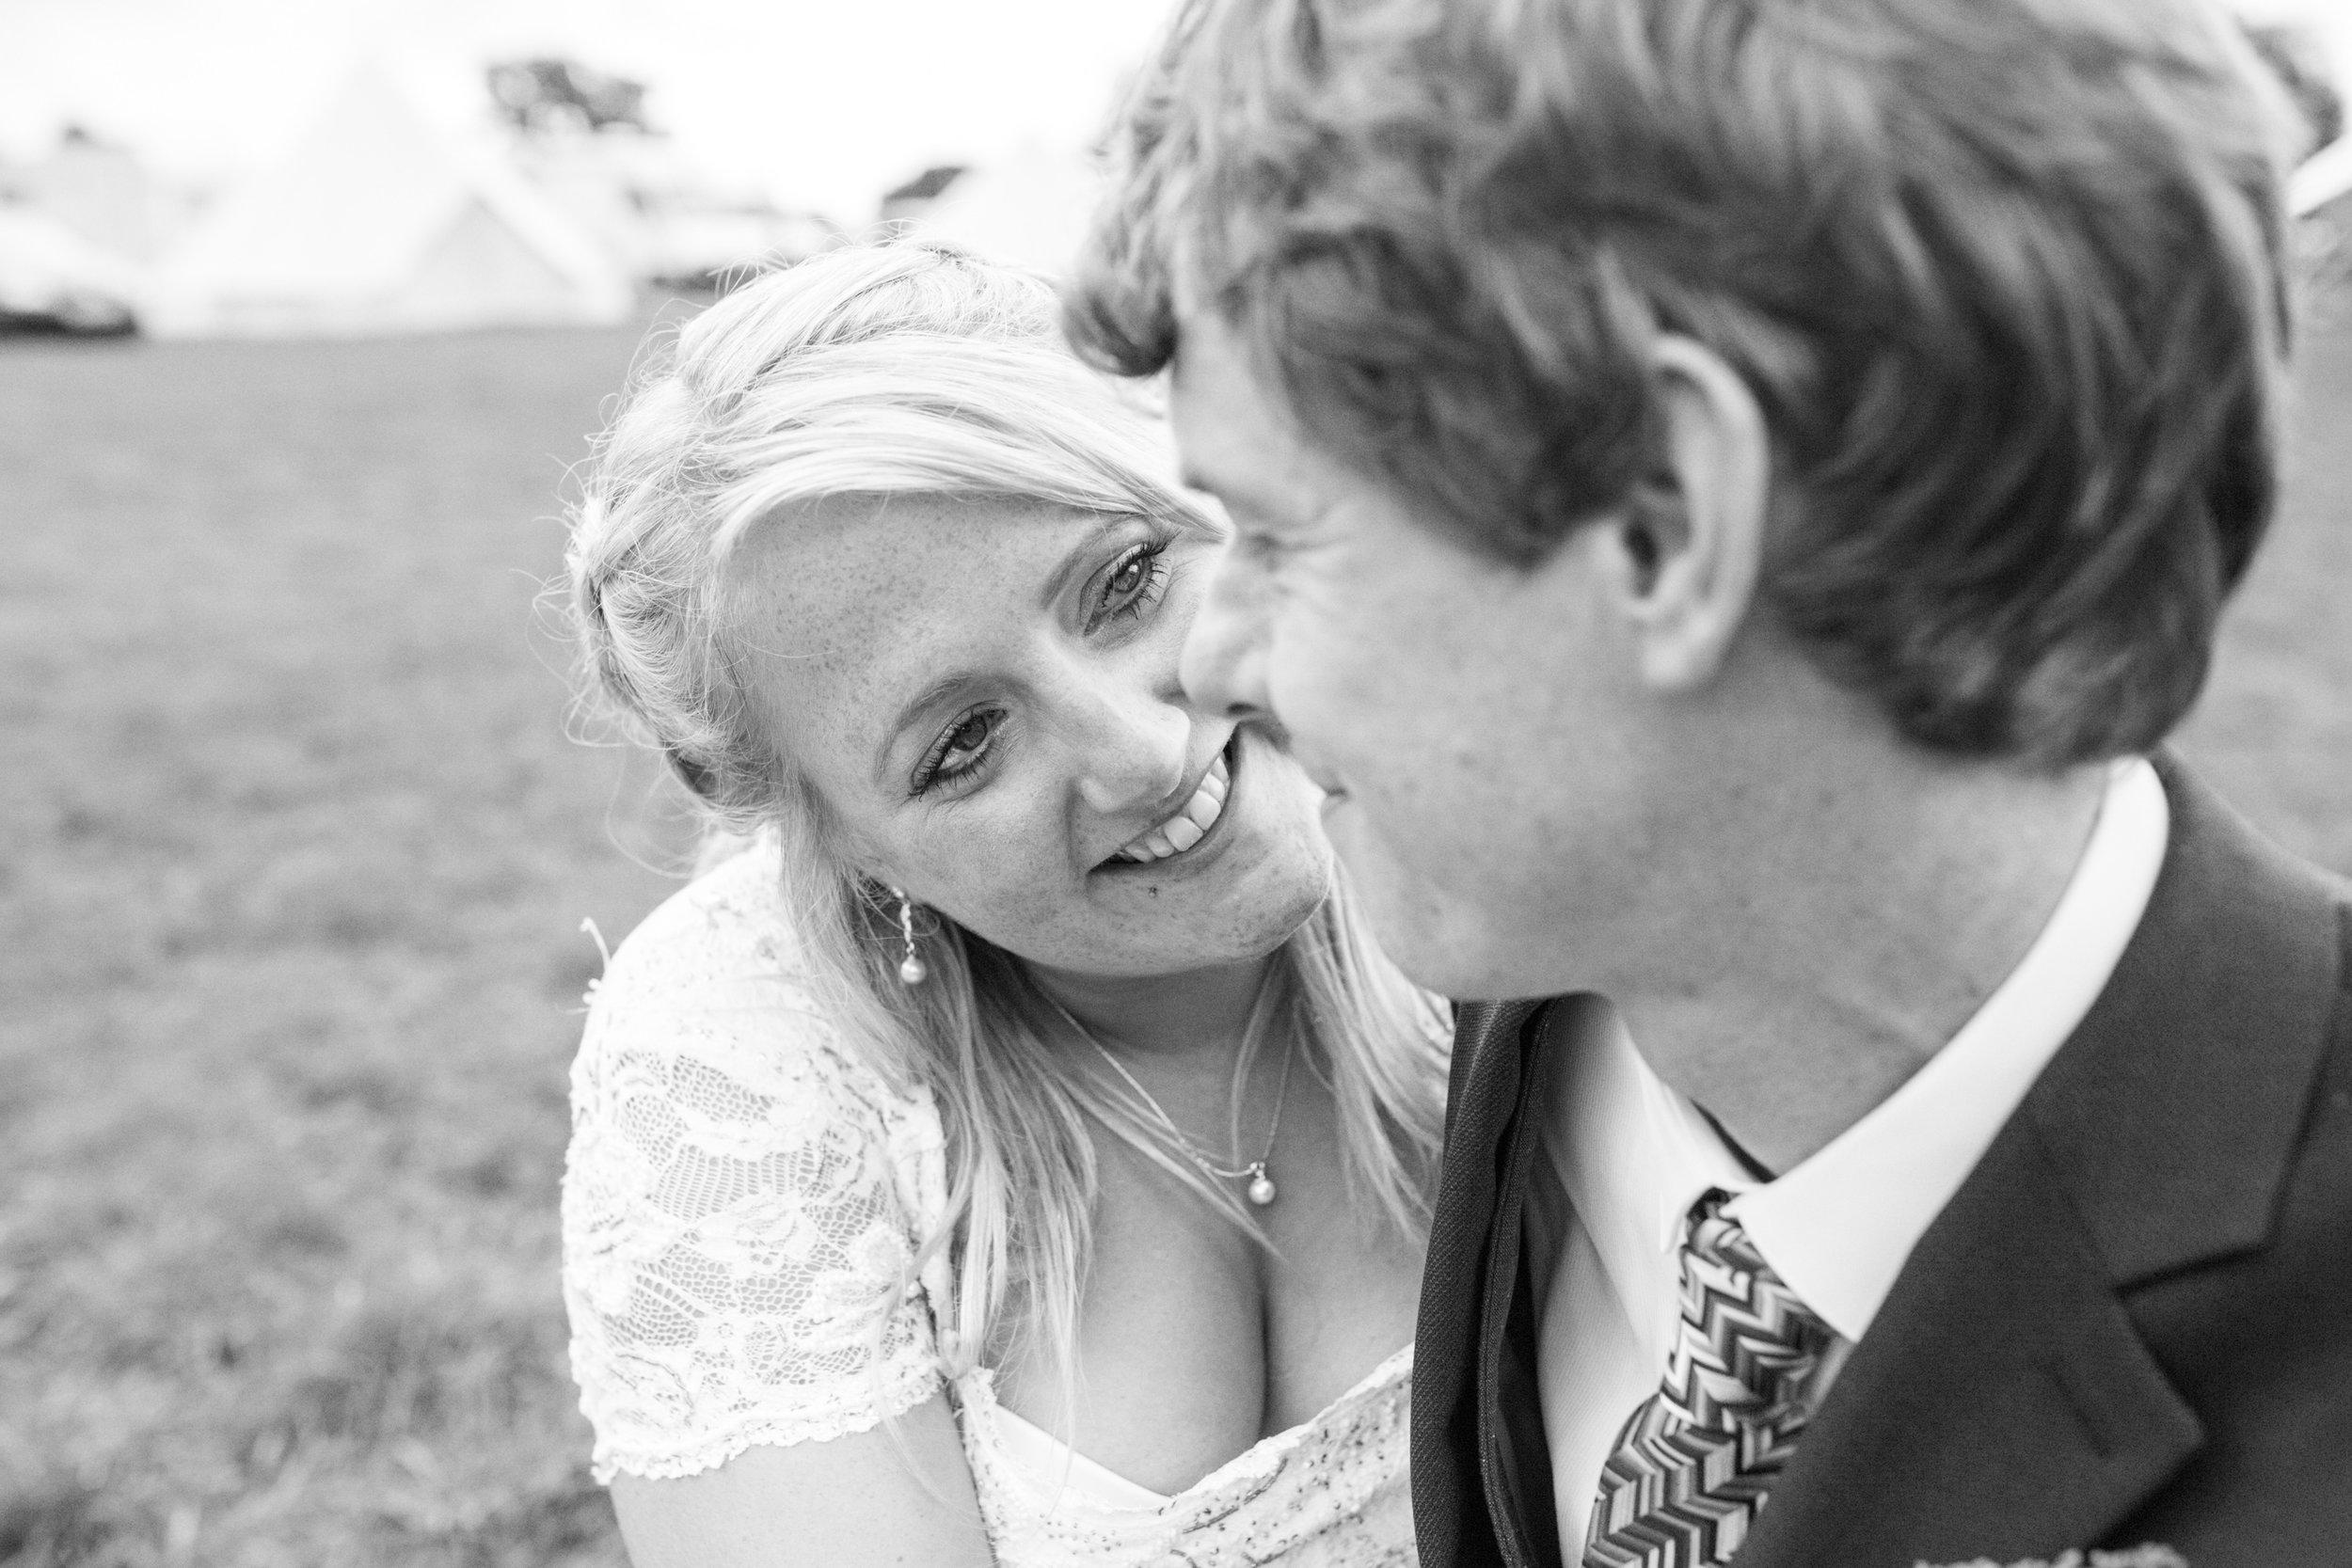 Mahoralls_Cider_Farm_Wedding_Shropshire_Sammy_Jack-369.jpg